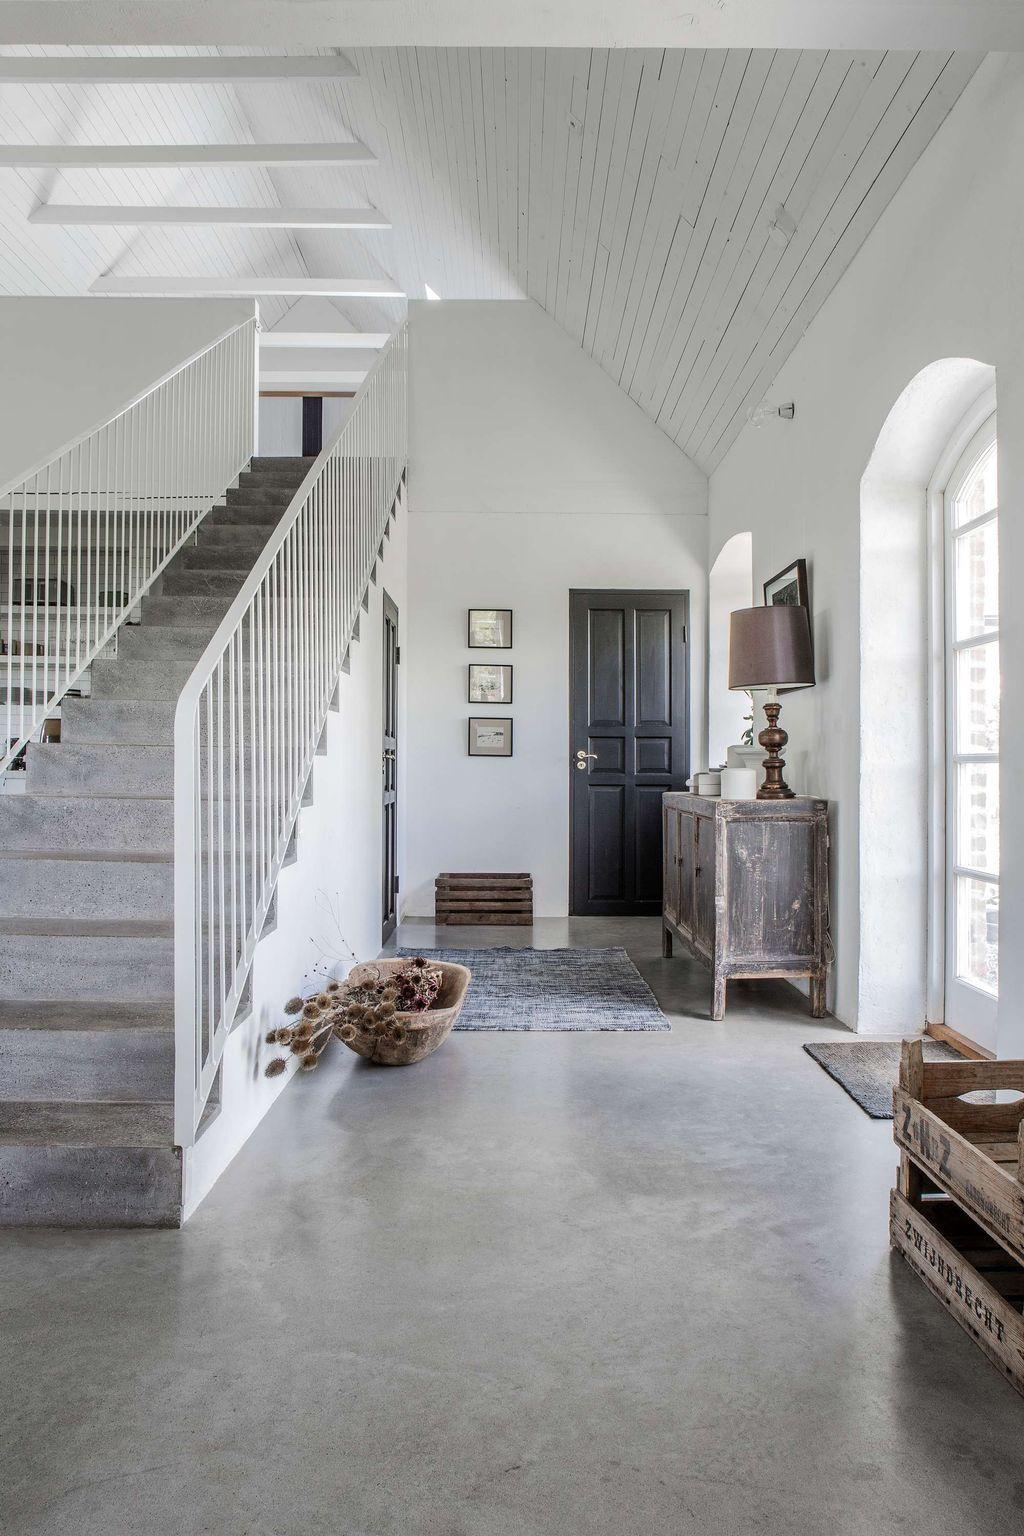 Une maison ancienne de pierres grises et du mobilier design planete deco a homes world